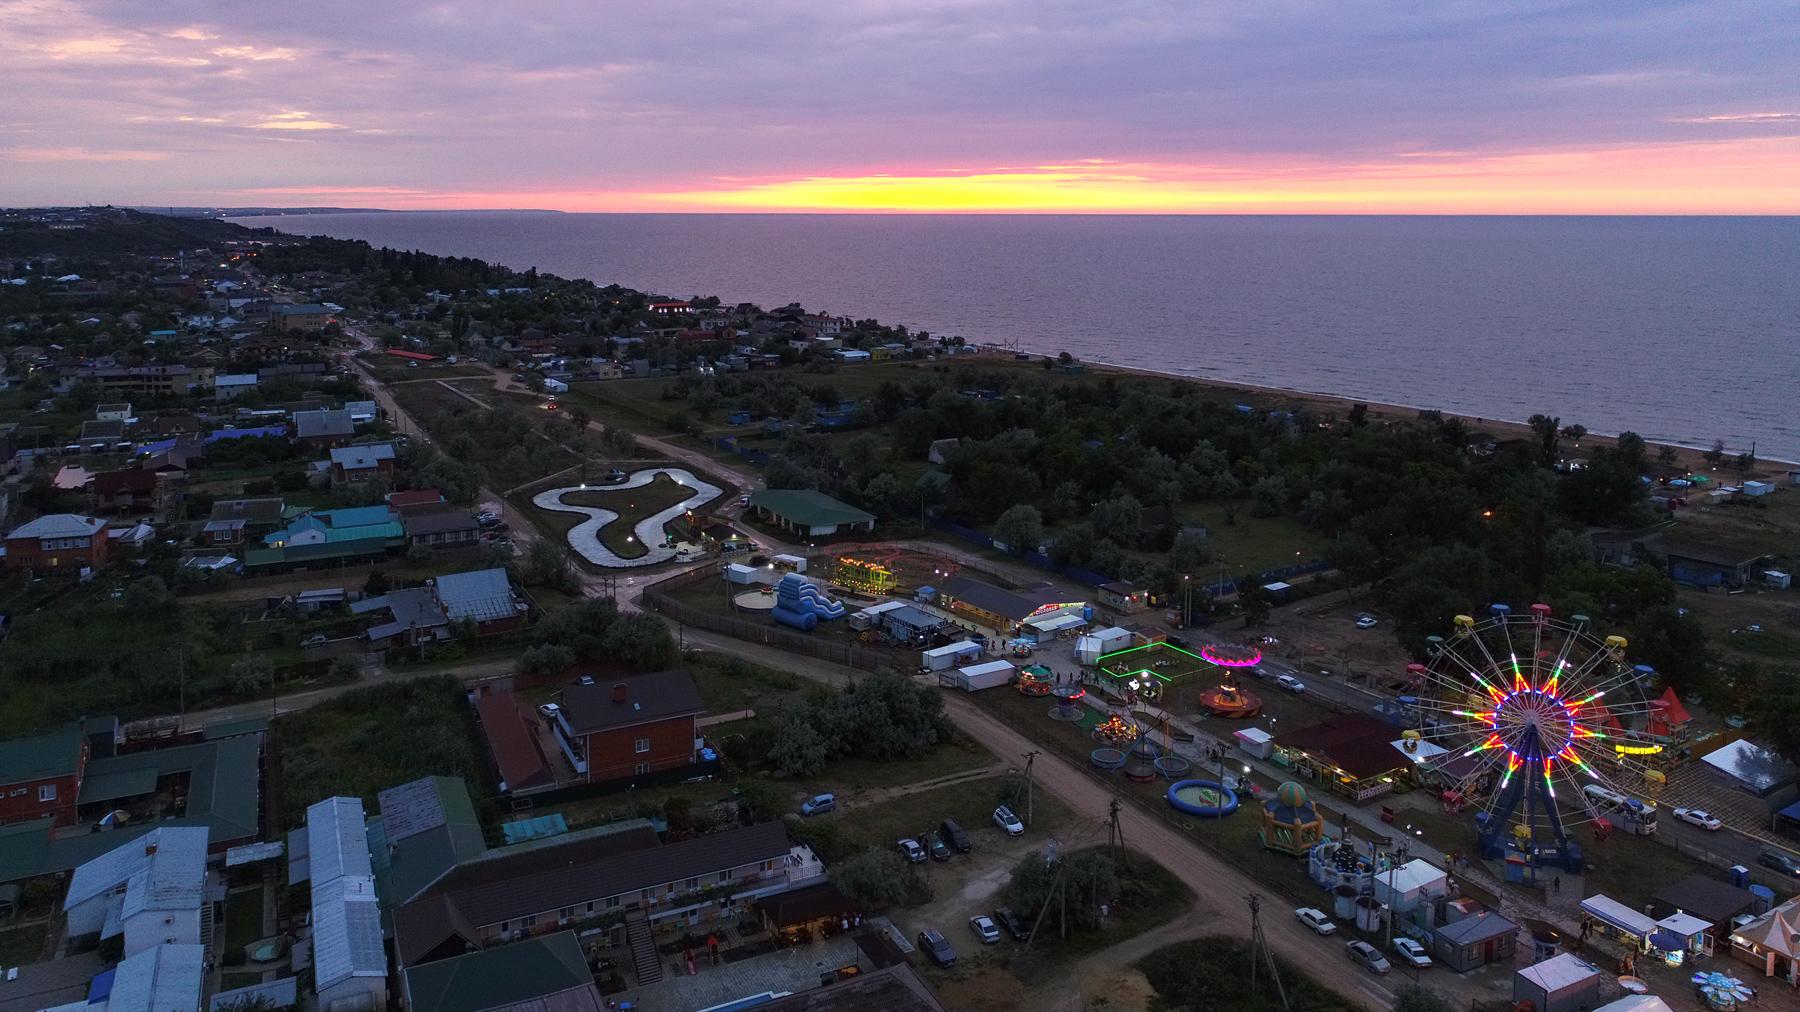 новое, зрелое поселок голубицкая азовское море фото жилье любители